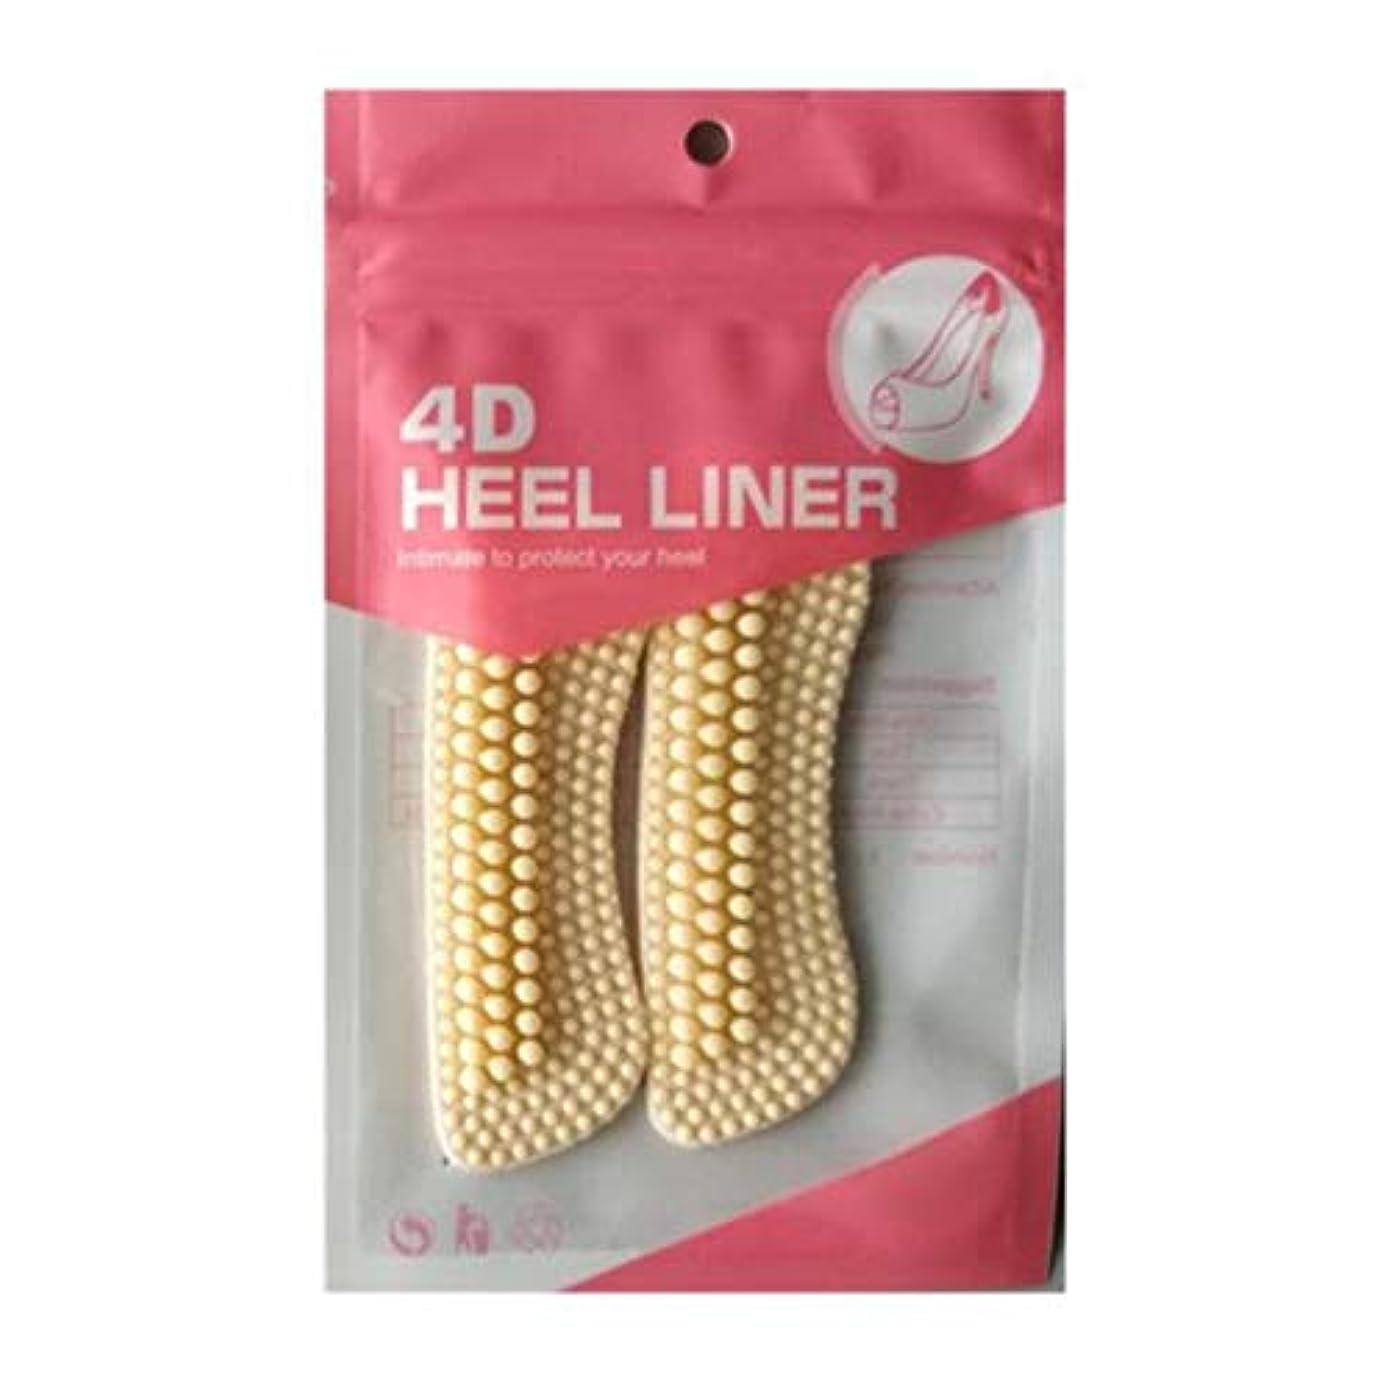 お肉慢性的推定するHJ 靴擦れ防止 ヒールパッド かかと用 かかとテープ クッション 靴ずれ防止 かかと保護パッド ベージュ (より厚いタイプ, 1足セット)